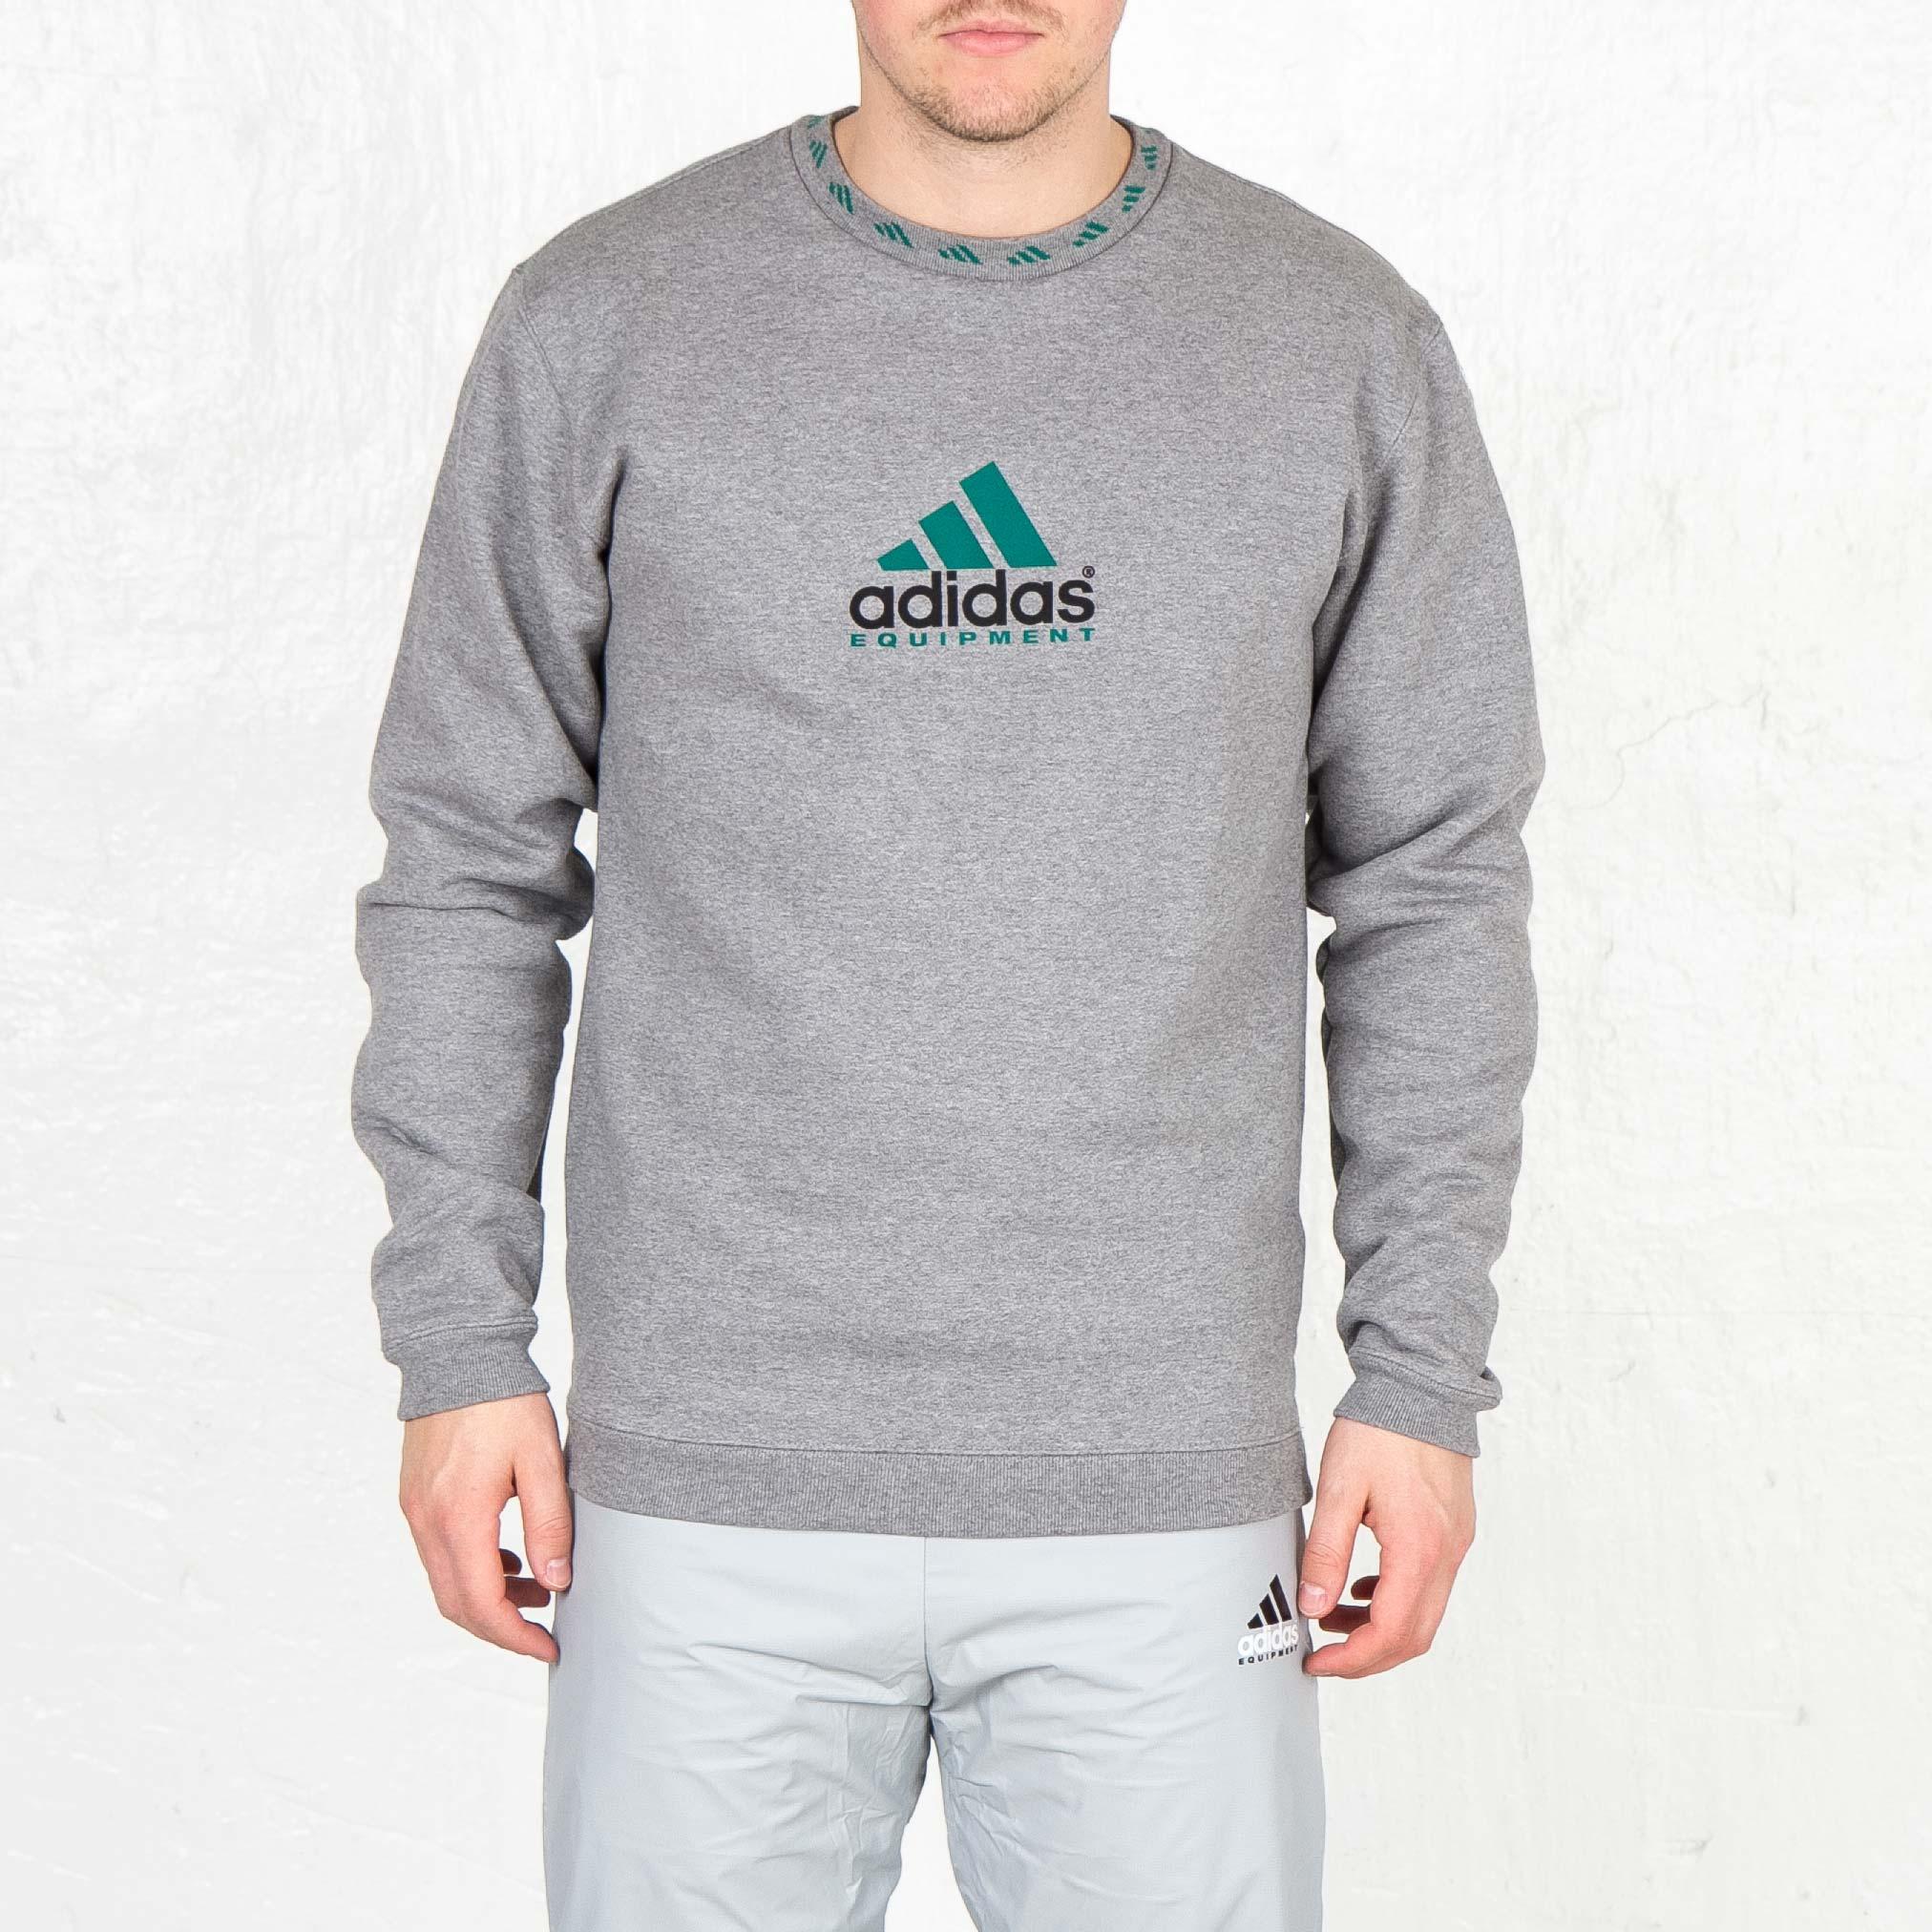 66fada2b6d81 adidas Eqt Crew Sweat - Aj7346 - Sneakersnstuff